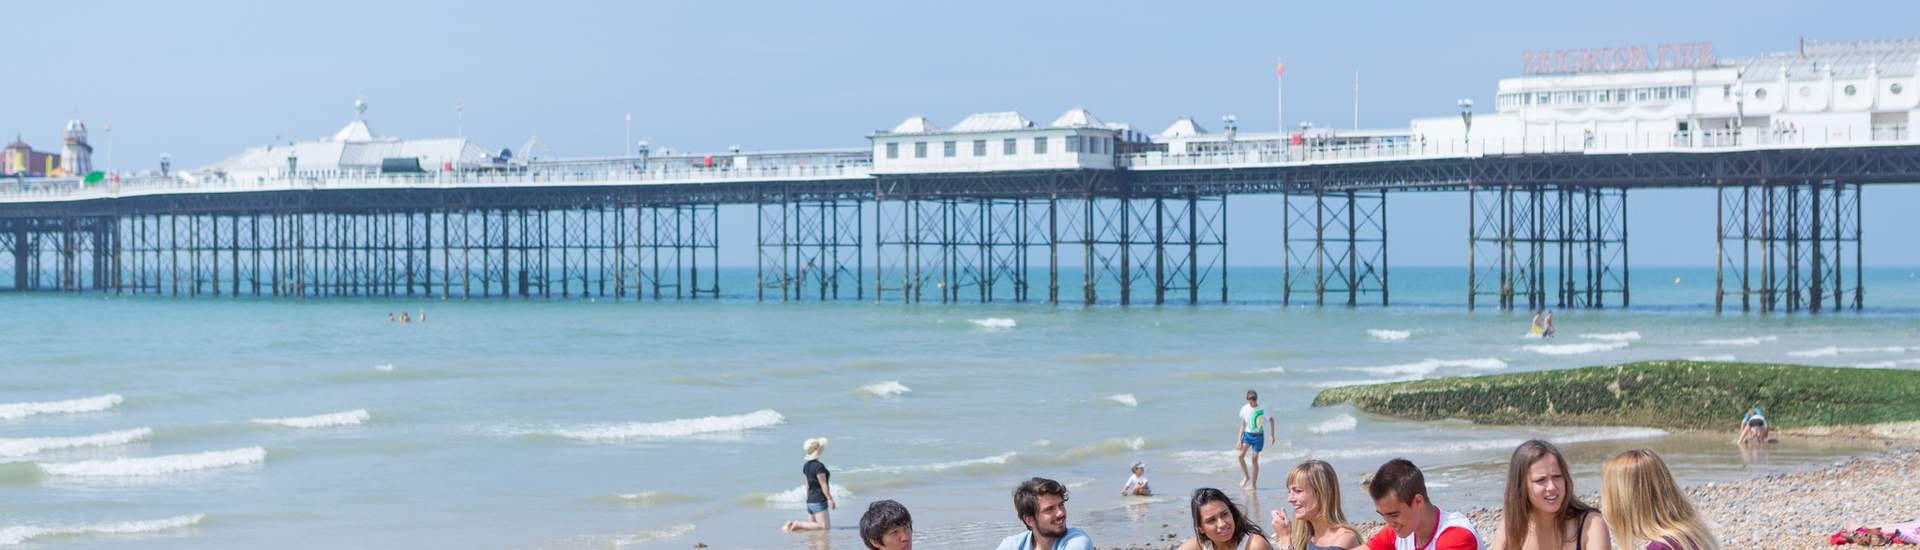 Programa de inglés para jóvenes en Brighton, Inglaterra